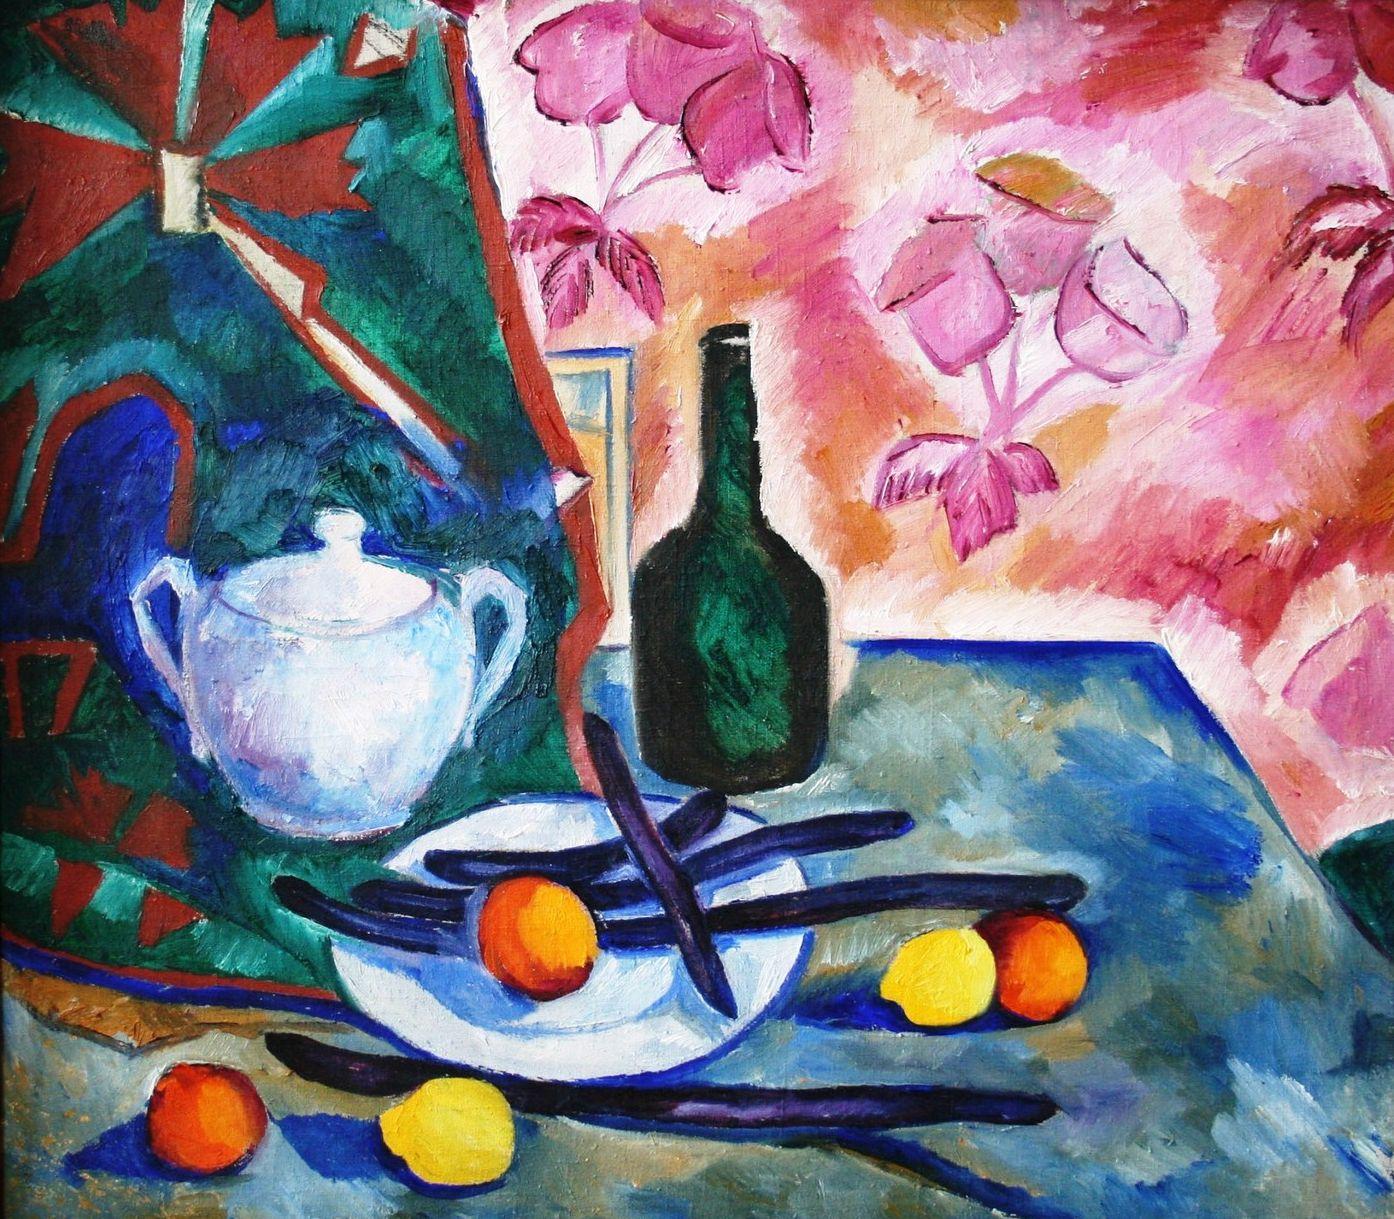 Шедевры Пикассо, Поленова и Пластова представят на ВДНХ